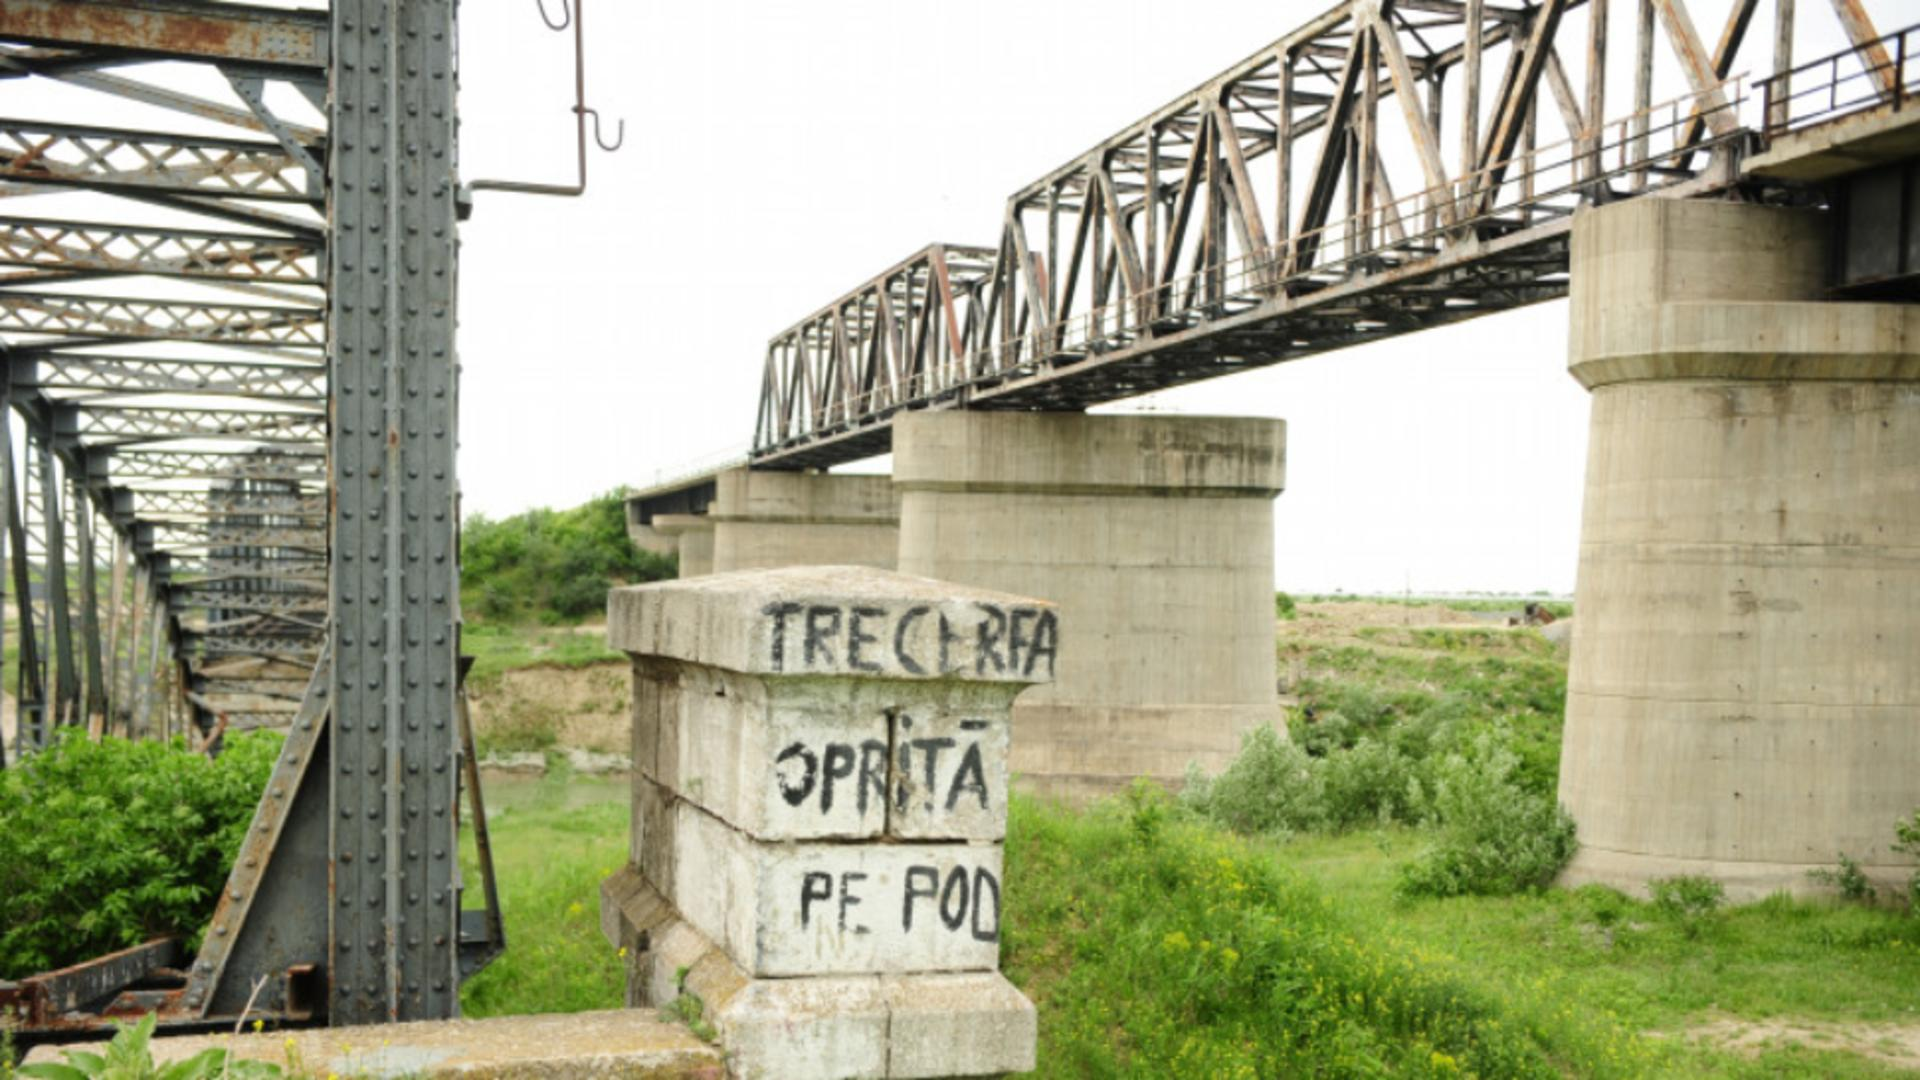 Un pod rupt a întrerupt circulația feroviară de la București la Giurgiu timp de 16 ani. Foto/Arhivă